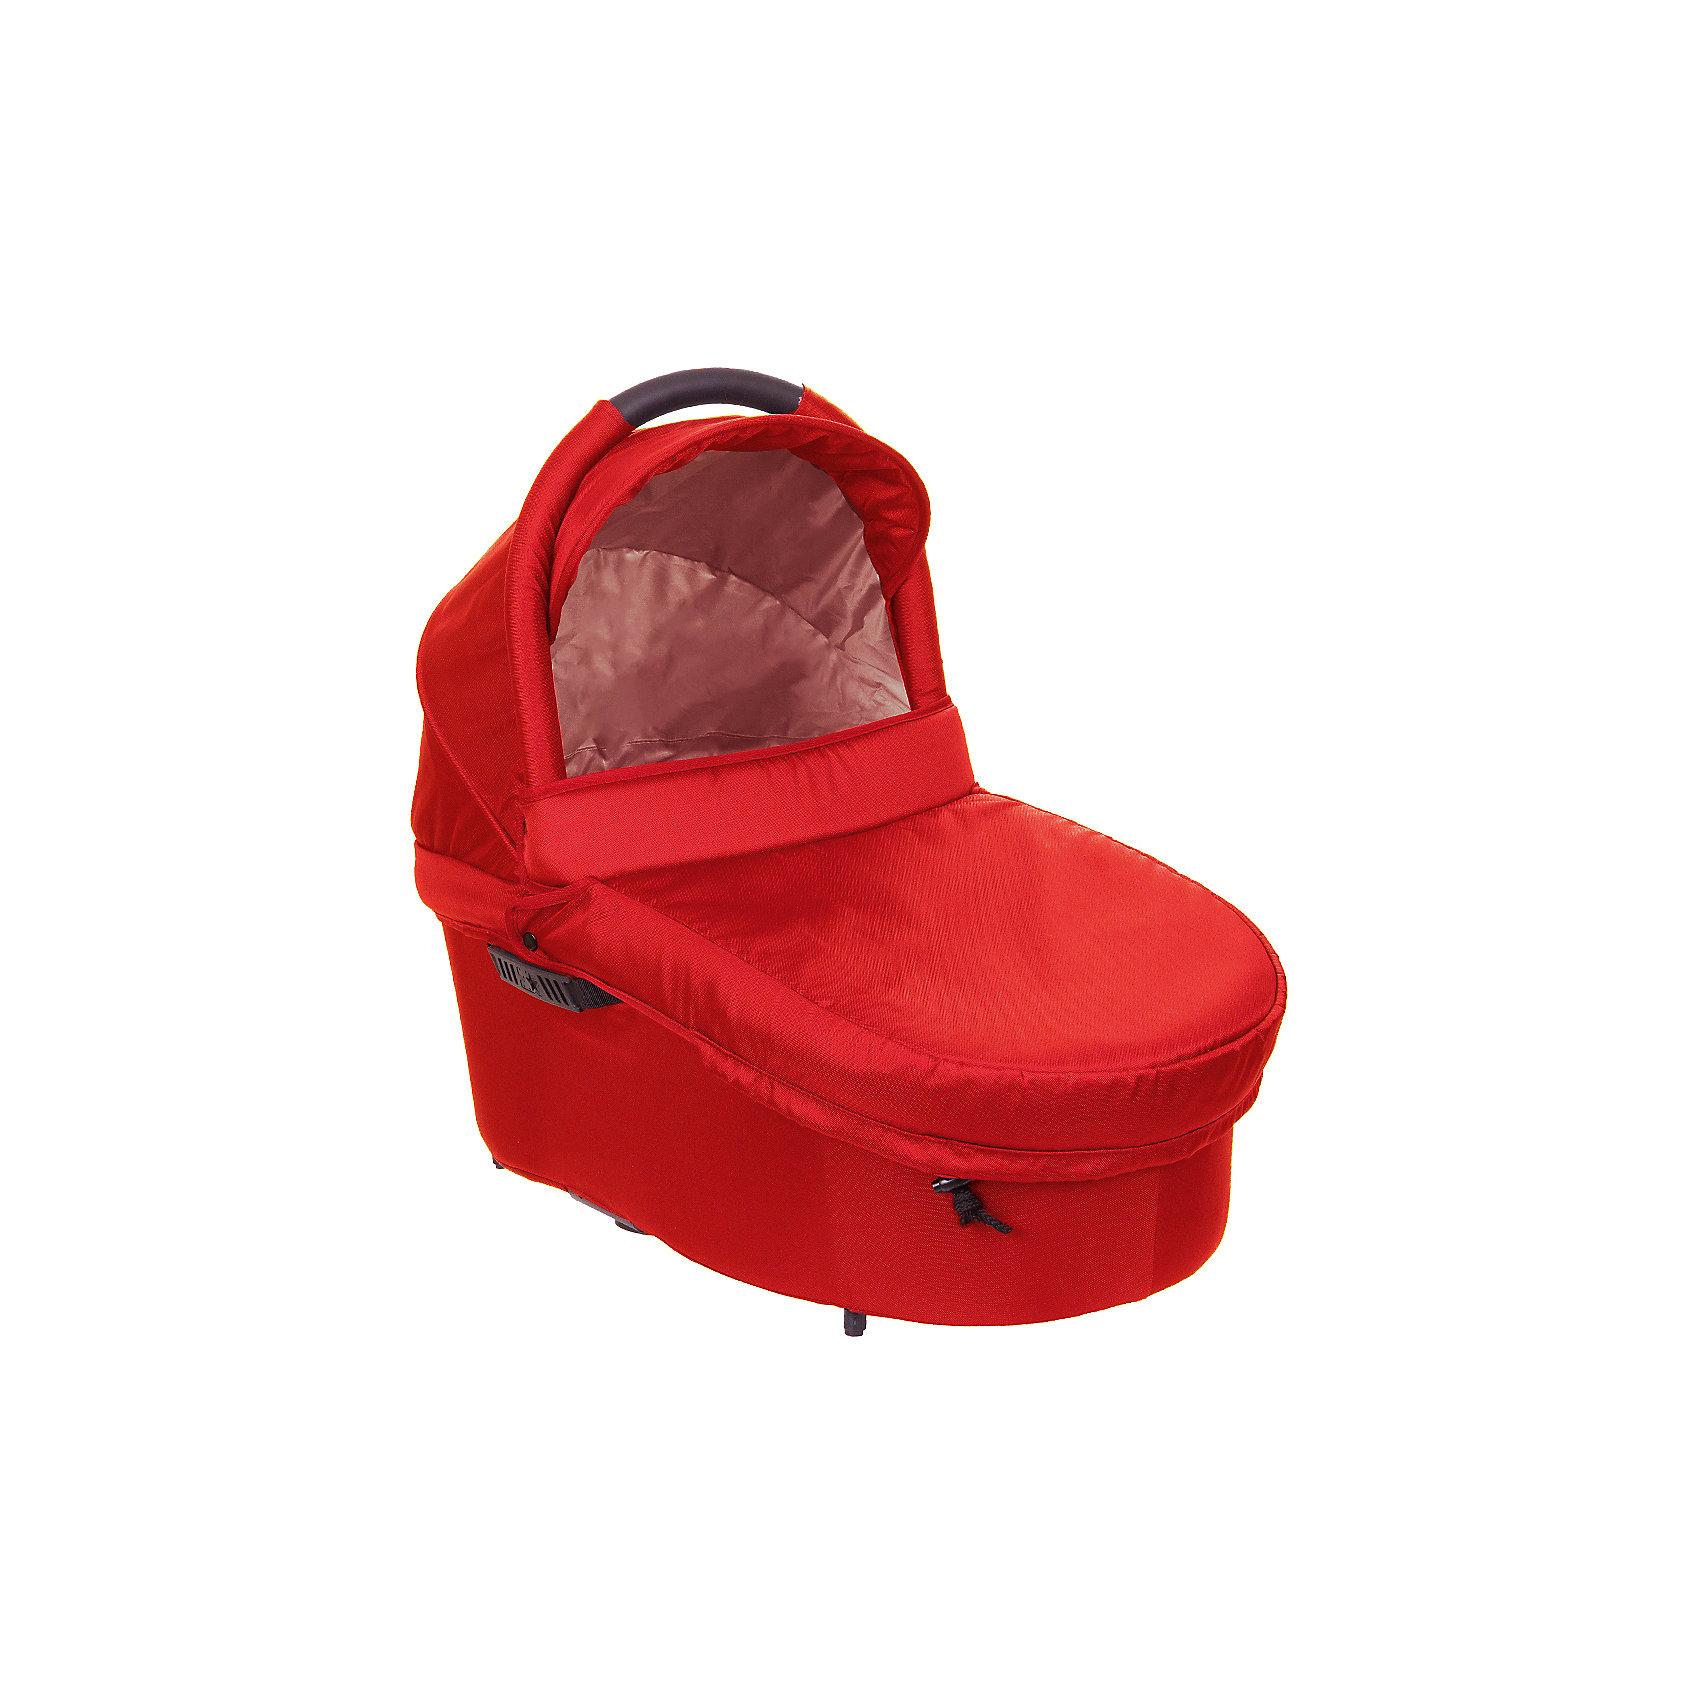 Люлька для  двойни DOU, Cozy, красныйАксессуары для колясок<br>Яркая, удобная люлька для двойни DOU.<br><br>Особенности: <br>- Твердое дно, необходимое для формирования правильной осанки.<br>- Жесткий каркас с возможностью складывания для компактного хранения.<br>- Мягкий матрасик в комплекте.<br>- Капюшон из водонепроницаемой и ветронепродуваемой ткани с фактором защиты от ультрафиолета 50 +.<br>- Пластиковая ручка для переноски. <br>- Накидка, защищающая от холода и ветра сделает приятной прогулку в любую погоду.<br>- Бесшумная система складывания капюшона с фиксаторами не разбудит маленького путешественника, если он уснул.<br>- Установка на шасси возможна в любом направлении (по/против хода движения).<br>- Съемные чехлы выполнены из гипоалергенной ткани, стирка рекомендуется ручная при температуре не выше 30° или машинная в деликатном режиме.<br><br>Дополнительная информация: <br><br>- Цвет: красный.<br>- Размер упаковки: 40х135х90 см.<br>- Вес в упаковке: 5 кг.<br><br>Люлька для  двойни DOU Cozy  можно купить в нашем магазине.<br><br>Ширина мм: 400<br>Глубина мм: 1350<br>Высота мм: 900<br>Вес г: 5000<br>Возраст от месяцев: 0<br>Возраст до месяцев: 6<br>Пол: Женский<br>Возраст: Детский<br>SKU: 4738668